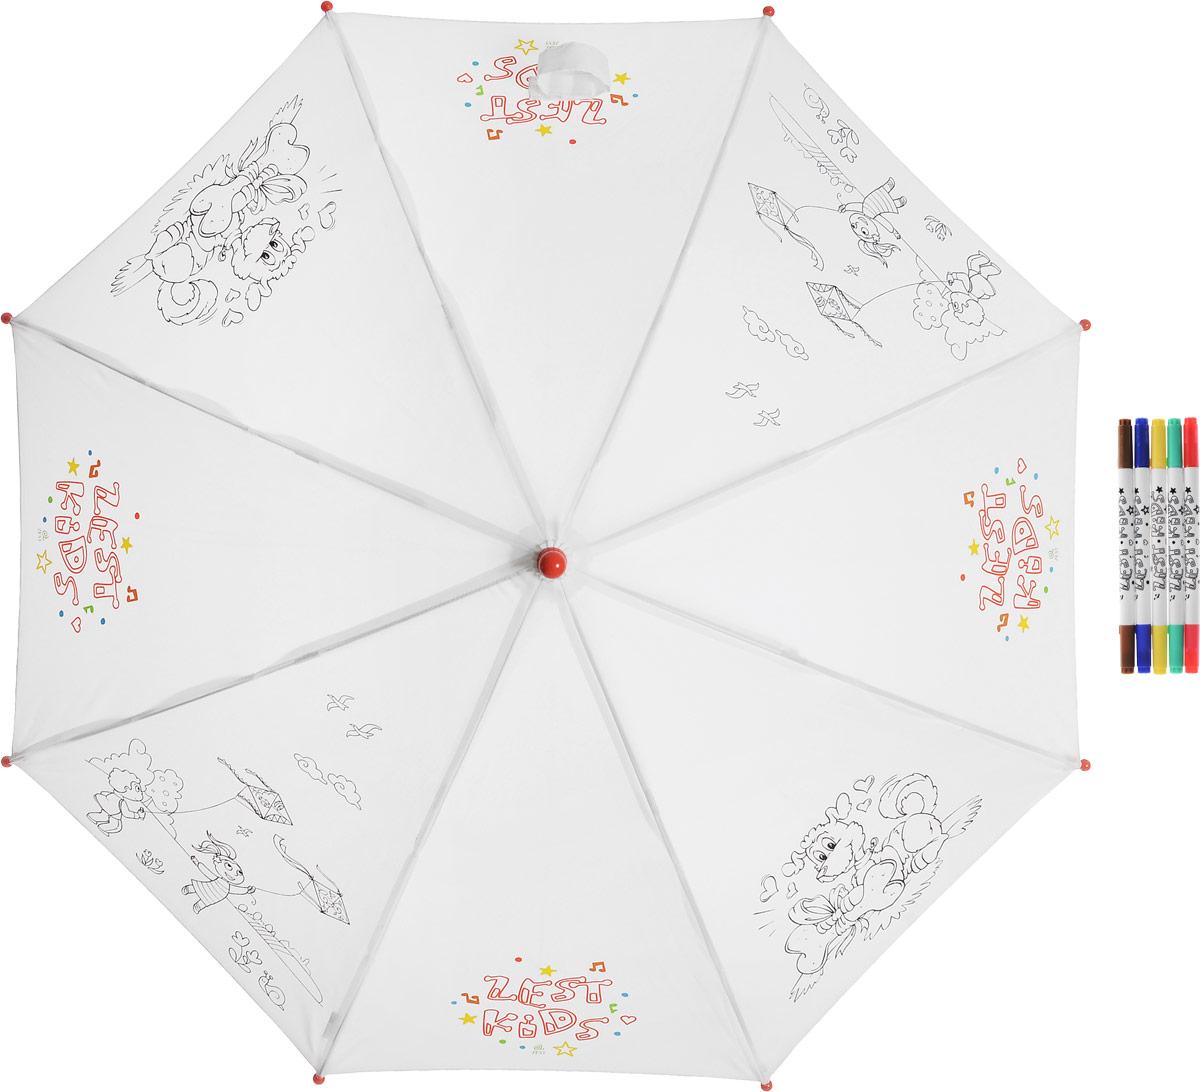 Зонт-трость детский Zest механический, цвет: белый. 21581-252CX1516-50-10Детский зонт-трость для раскрашивания Zest выполнен из металла и пластика, оформлен силуэтами картинок. Картинки малыш сможет раскрасить самостоятельно фломастерами, входящими в комплект.Каркас зонта выполнен из восьми спиц, стержень из стали. На концах спиц предусмотрены пластиковые элементы, которые защитят малыша от травм. Купол зонта изготовлен прочного полиэстера. Закрытый купол застегивается на липучку хлястиком. Практичная глянцевая рукоятка закругленной формы разработана с учетом требований эргономики и выполнена из пластика.Зонт-раскраска будет приятным подарком, который не только защитит малыша от непогоды, но и даст возможность стать настоящим маленьким художником.